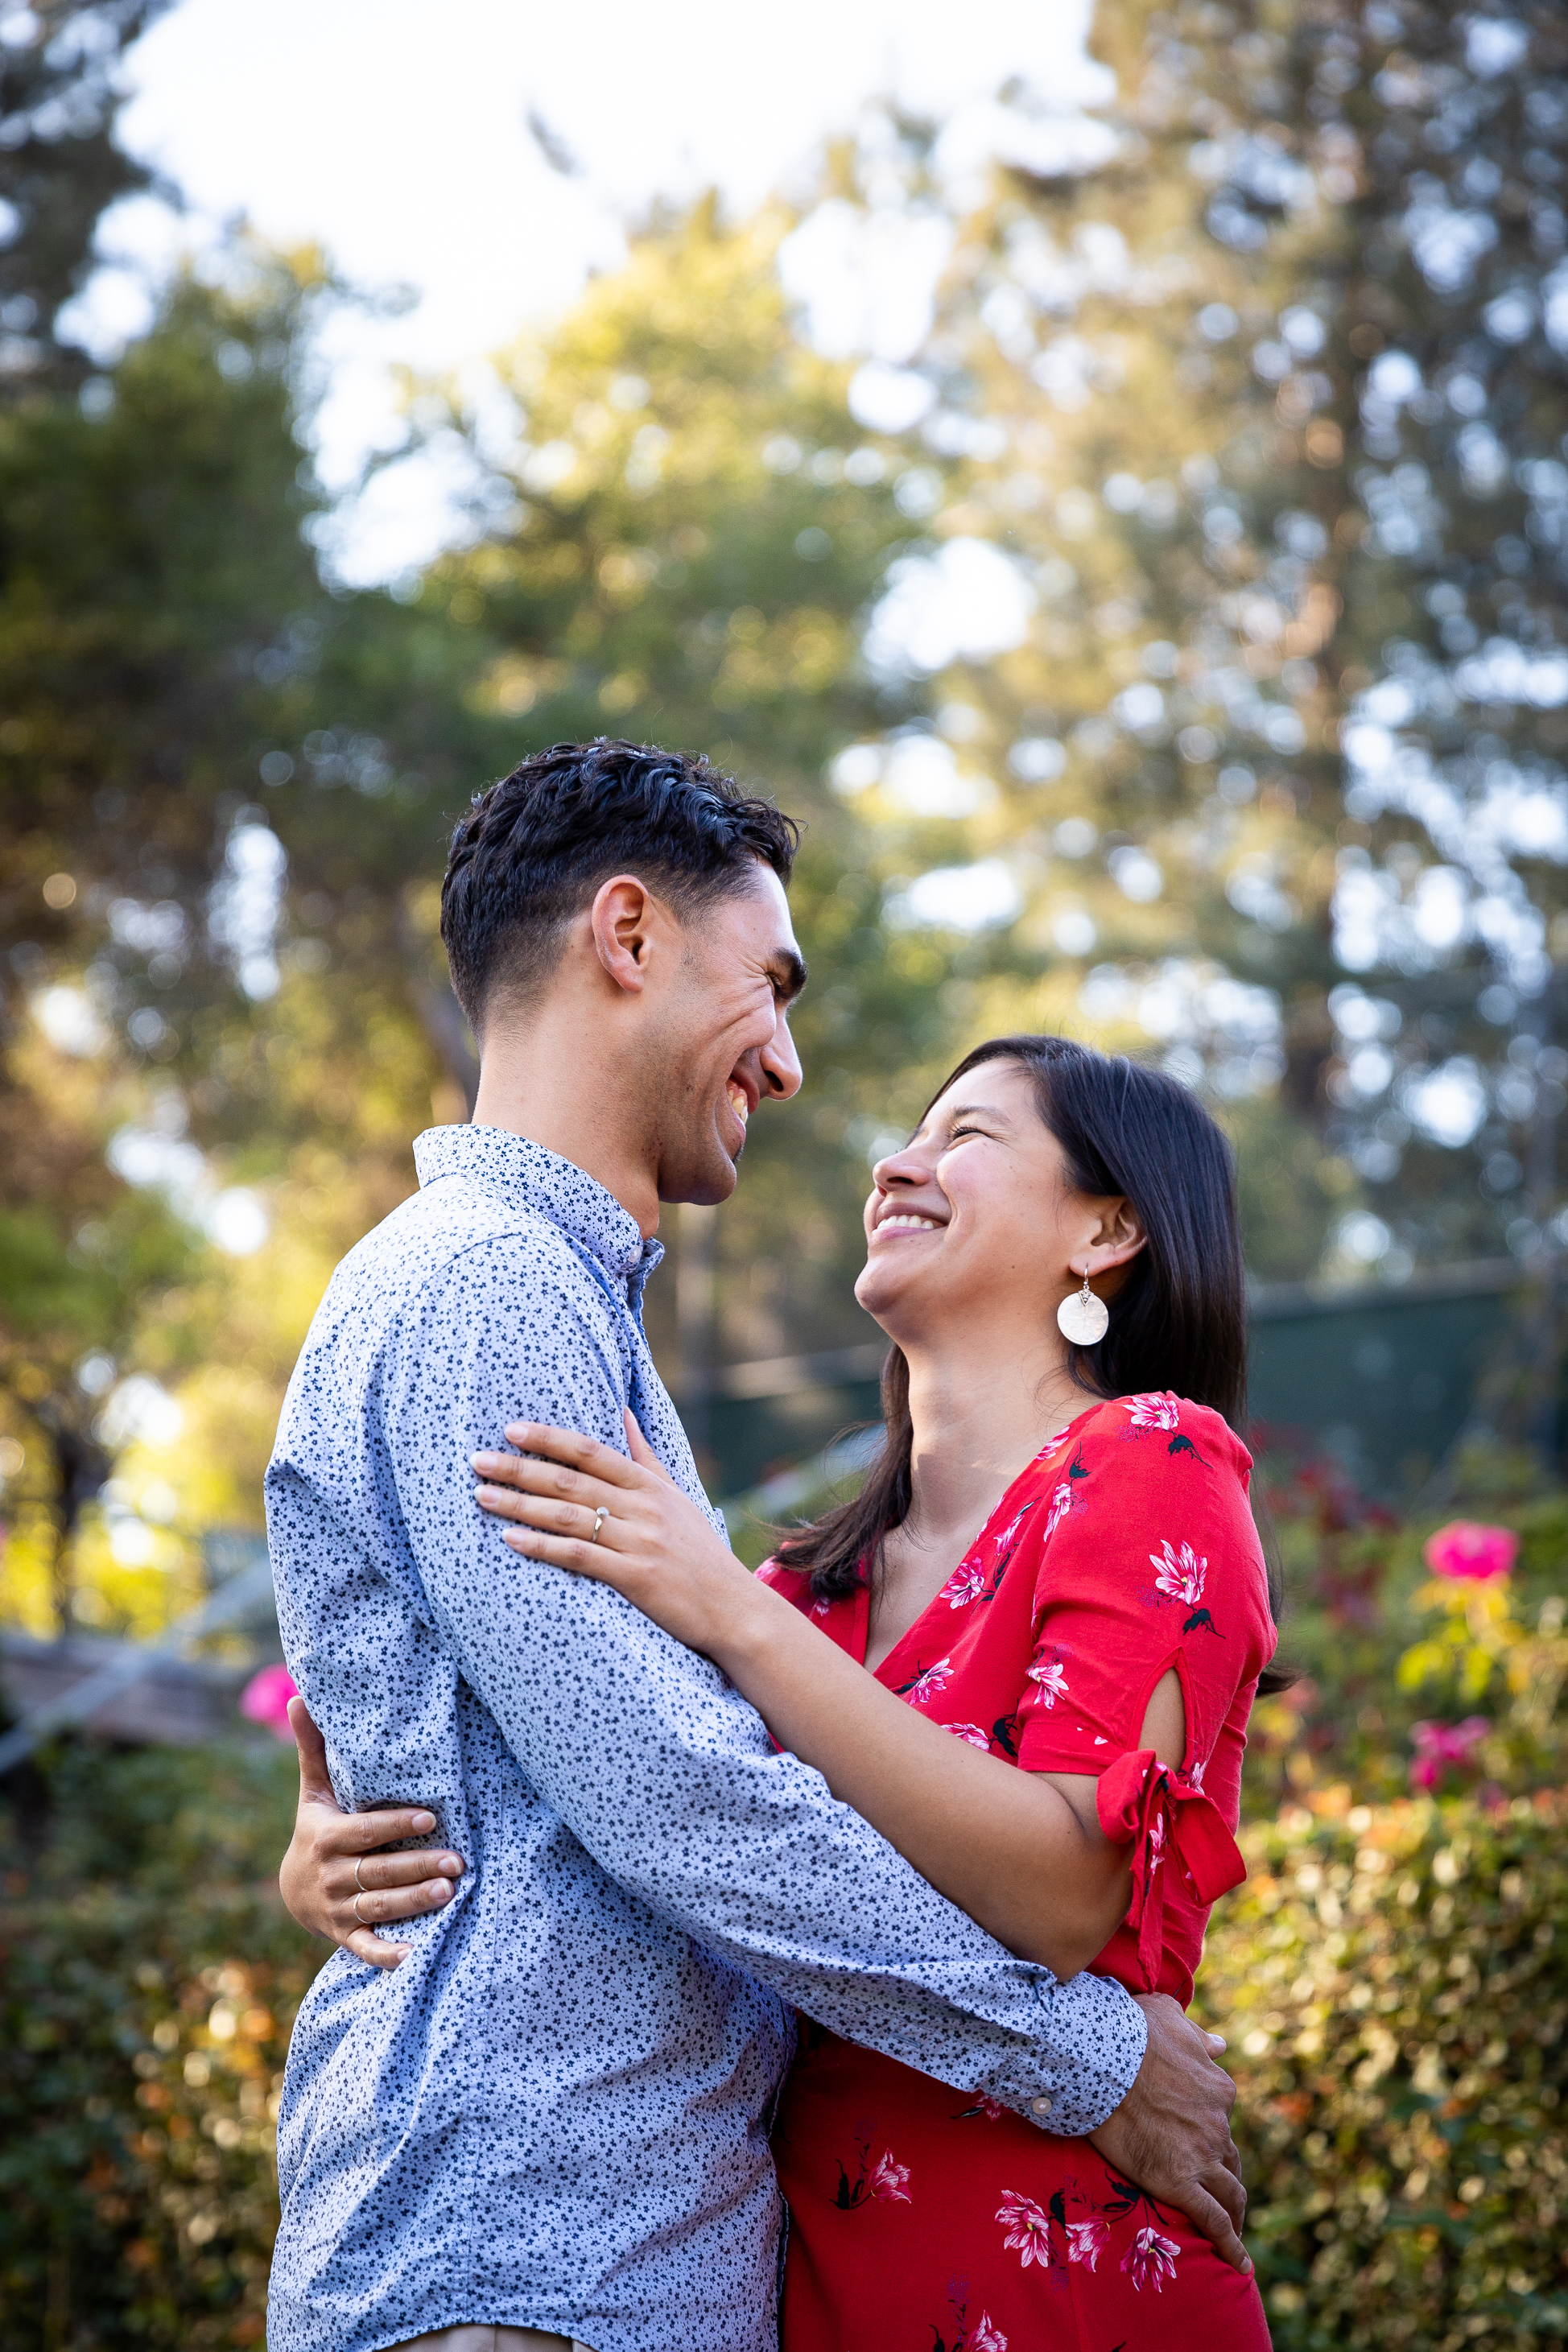 Portrait Session - Couples, family, lifestyle